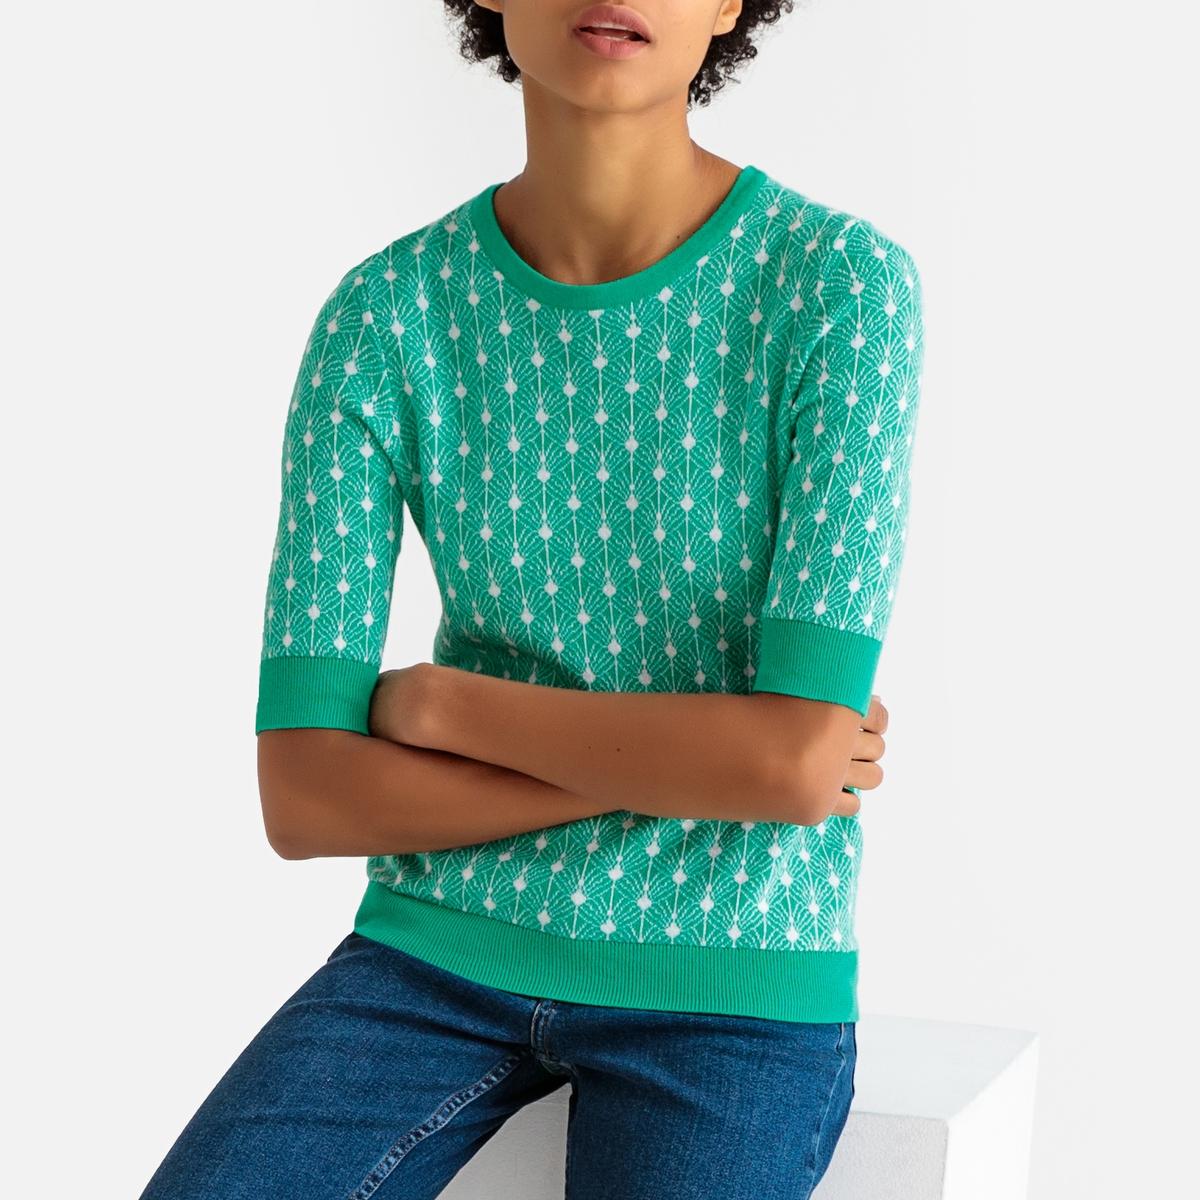 Пуловер  - Зеленый,темно-синий цвет